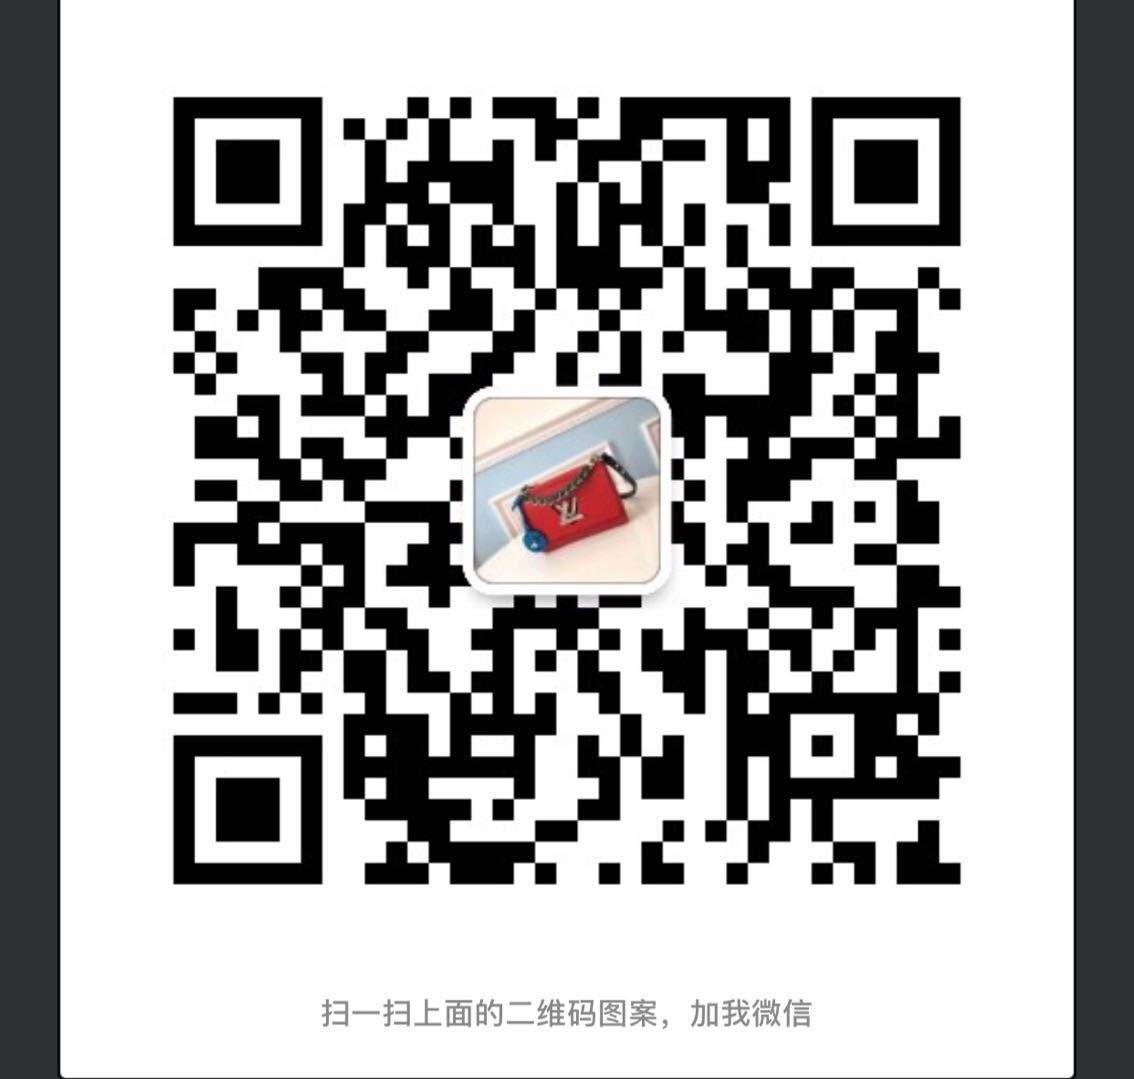 润鑫皮具一站式货源厂家一手货源一件代发支持海外直邮